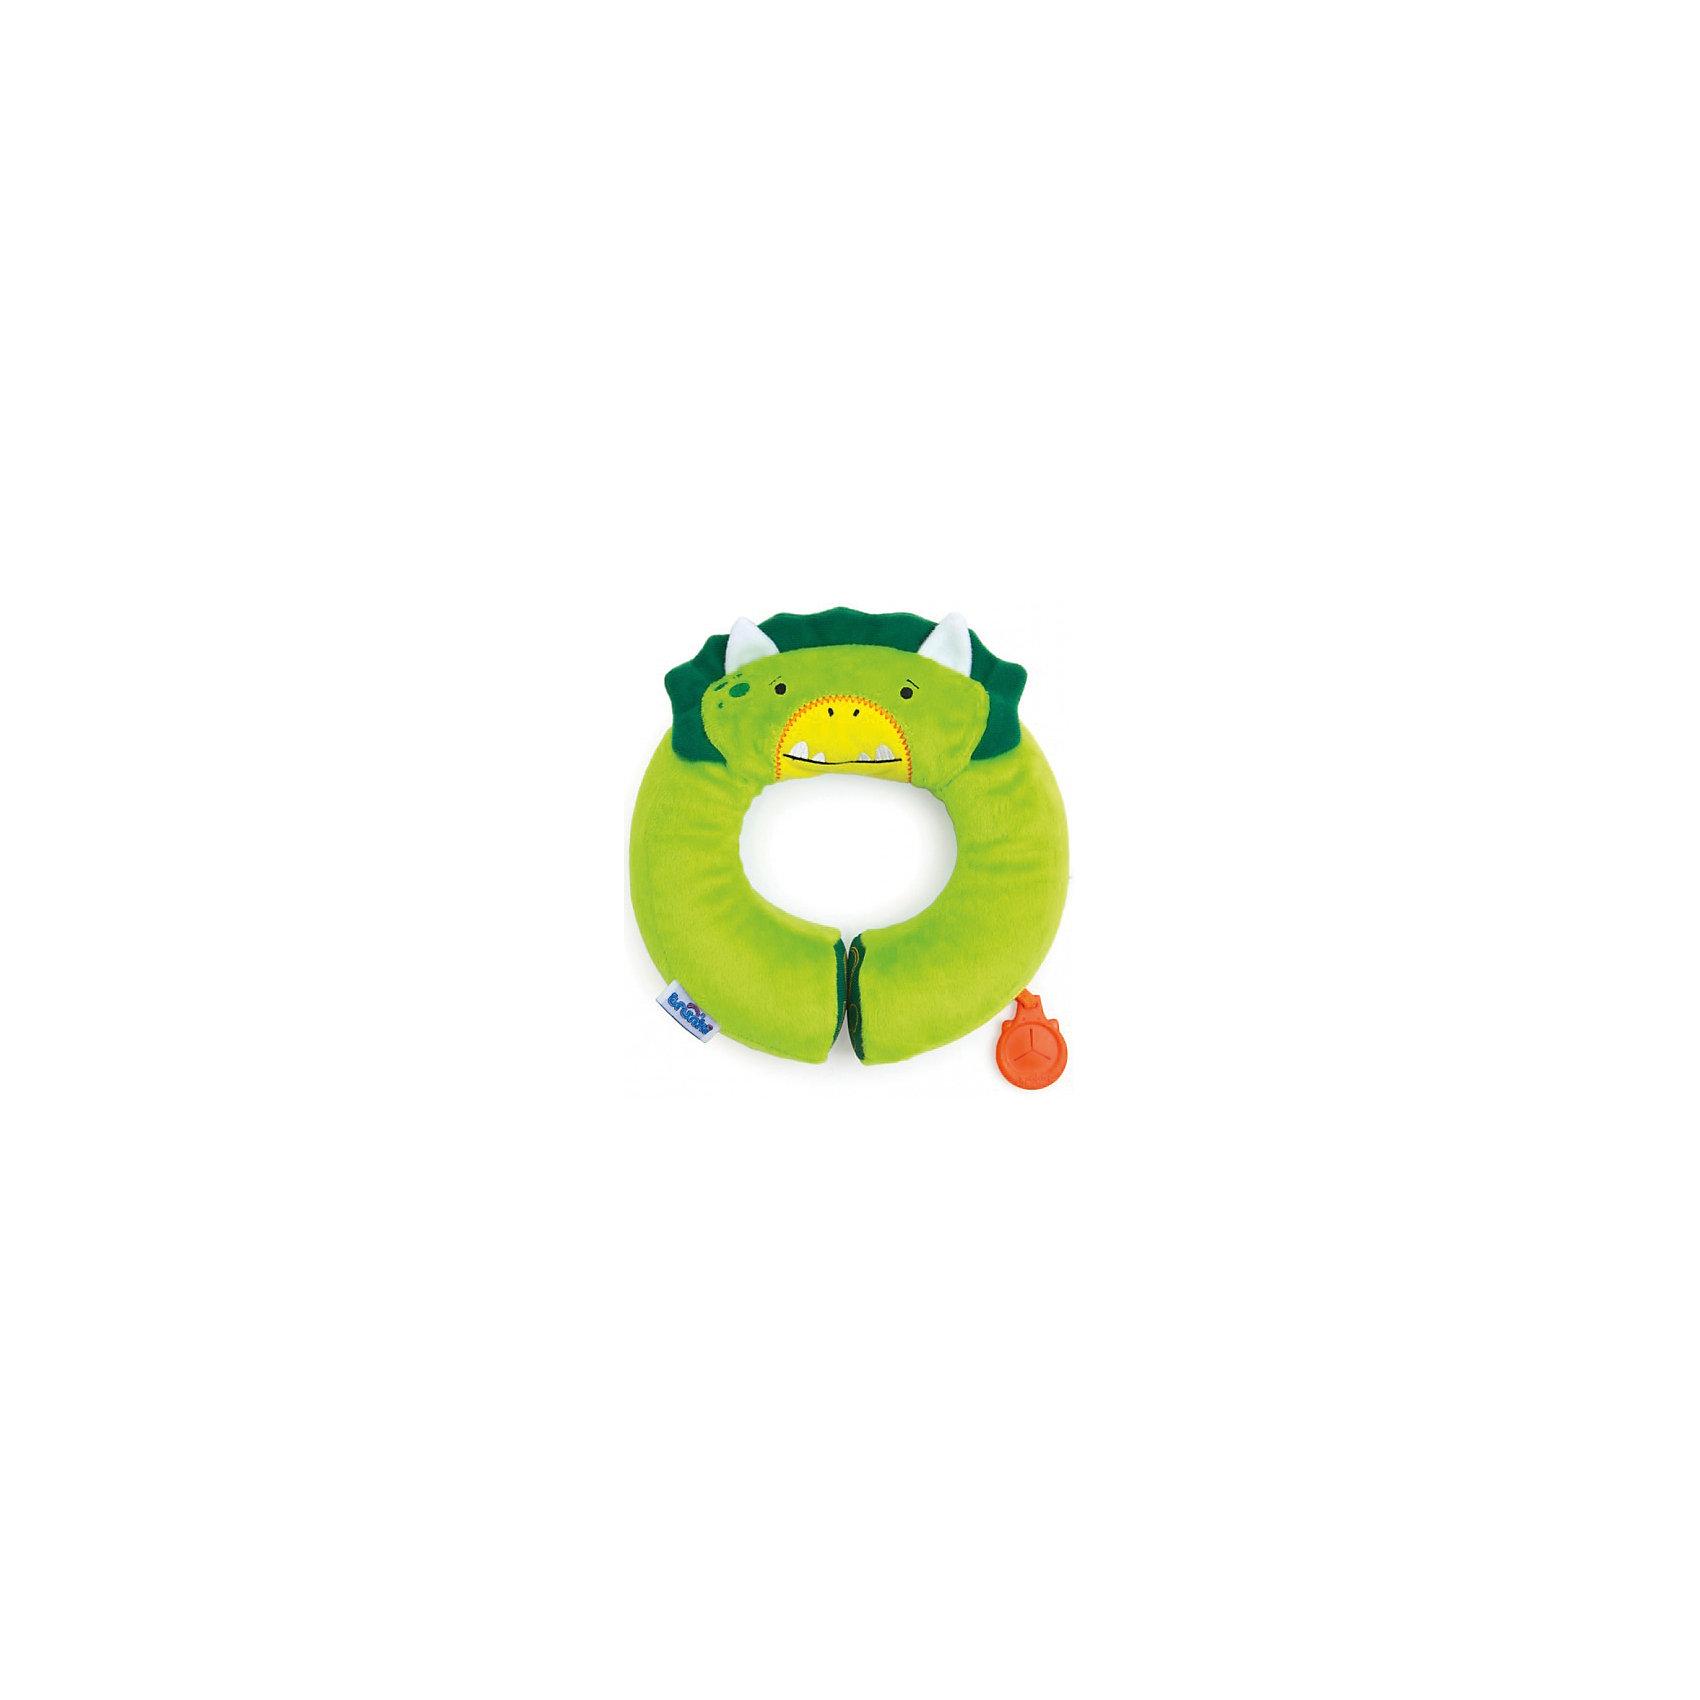 Зеленый подголовник Дино, YondiАксессуары<br>Яркий и мягкий подголовник для детей Динозавр ярко-зеленого цвета позволит сделать путешествие ребенка комфортным.<br>Подголовник сделан из мягкого приятного на ощупь материала, а потому малышу так понравится спать на нем в дороге. Специальным наполнитель позволит создать анатомическую форму и облегчит нагрузку на шею и плечевые мышцы малыша.<br>Подголовник выполнен в ярком зеленом цвете в виде мордочки забавного лисенка с ушками. Это позволяет использовать аксессуар в качестве игрушки.<br>Универсальный держатель Trunki Grip позволяет закрепить одеялко или же повесить солнцезащитные детские очки. <br><br>Дополнительная информация:<br><br>Внутренний диаметр подголовника: 10 см (окружность 28 см).<br>Внешний диаметр 20 см.<br>Вес: около 100 грамм.<br>Подголовник соответствует международным стандартам безопасности: CE и ASTM.<br>Возможно использование с детскими автокреслами.<br><br>Зеленый подголовник Дино, Yondi можно купить в нашем магазине.<br><br>Ширина мм: 200<br>Глубина мм: 200<br>Высота мм: 50<br>Вес г: 100<br>Возраст от месяцев: 36<br>Возраст до месяцев: 84<br>Пол: Унисекс<br>Возраст: Детский<br>SKU: 4090986